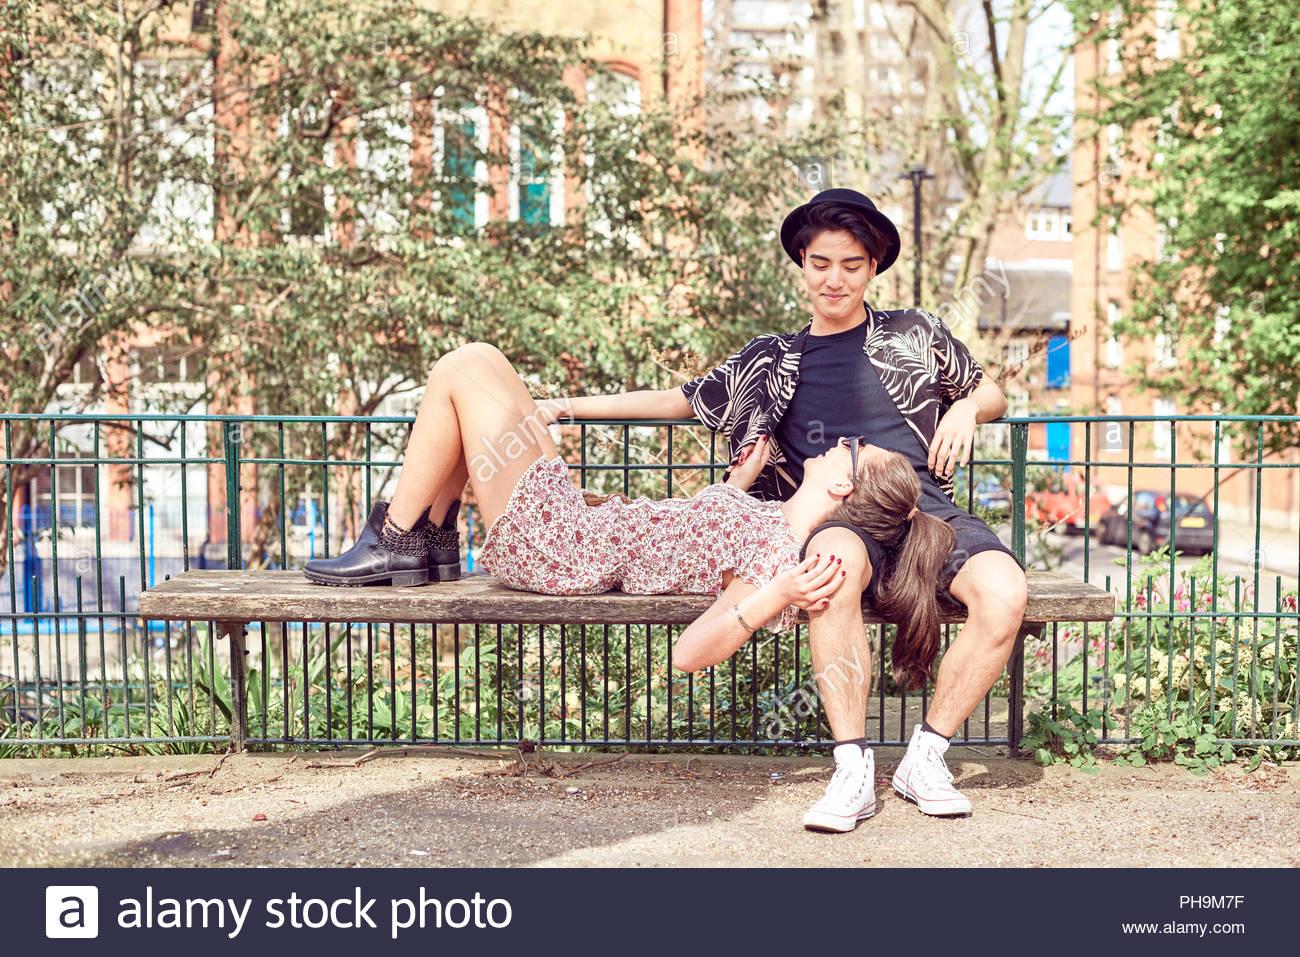 Ragazza adolescente giacente in ragazzo giro al parco Immagini Stock